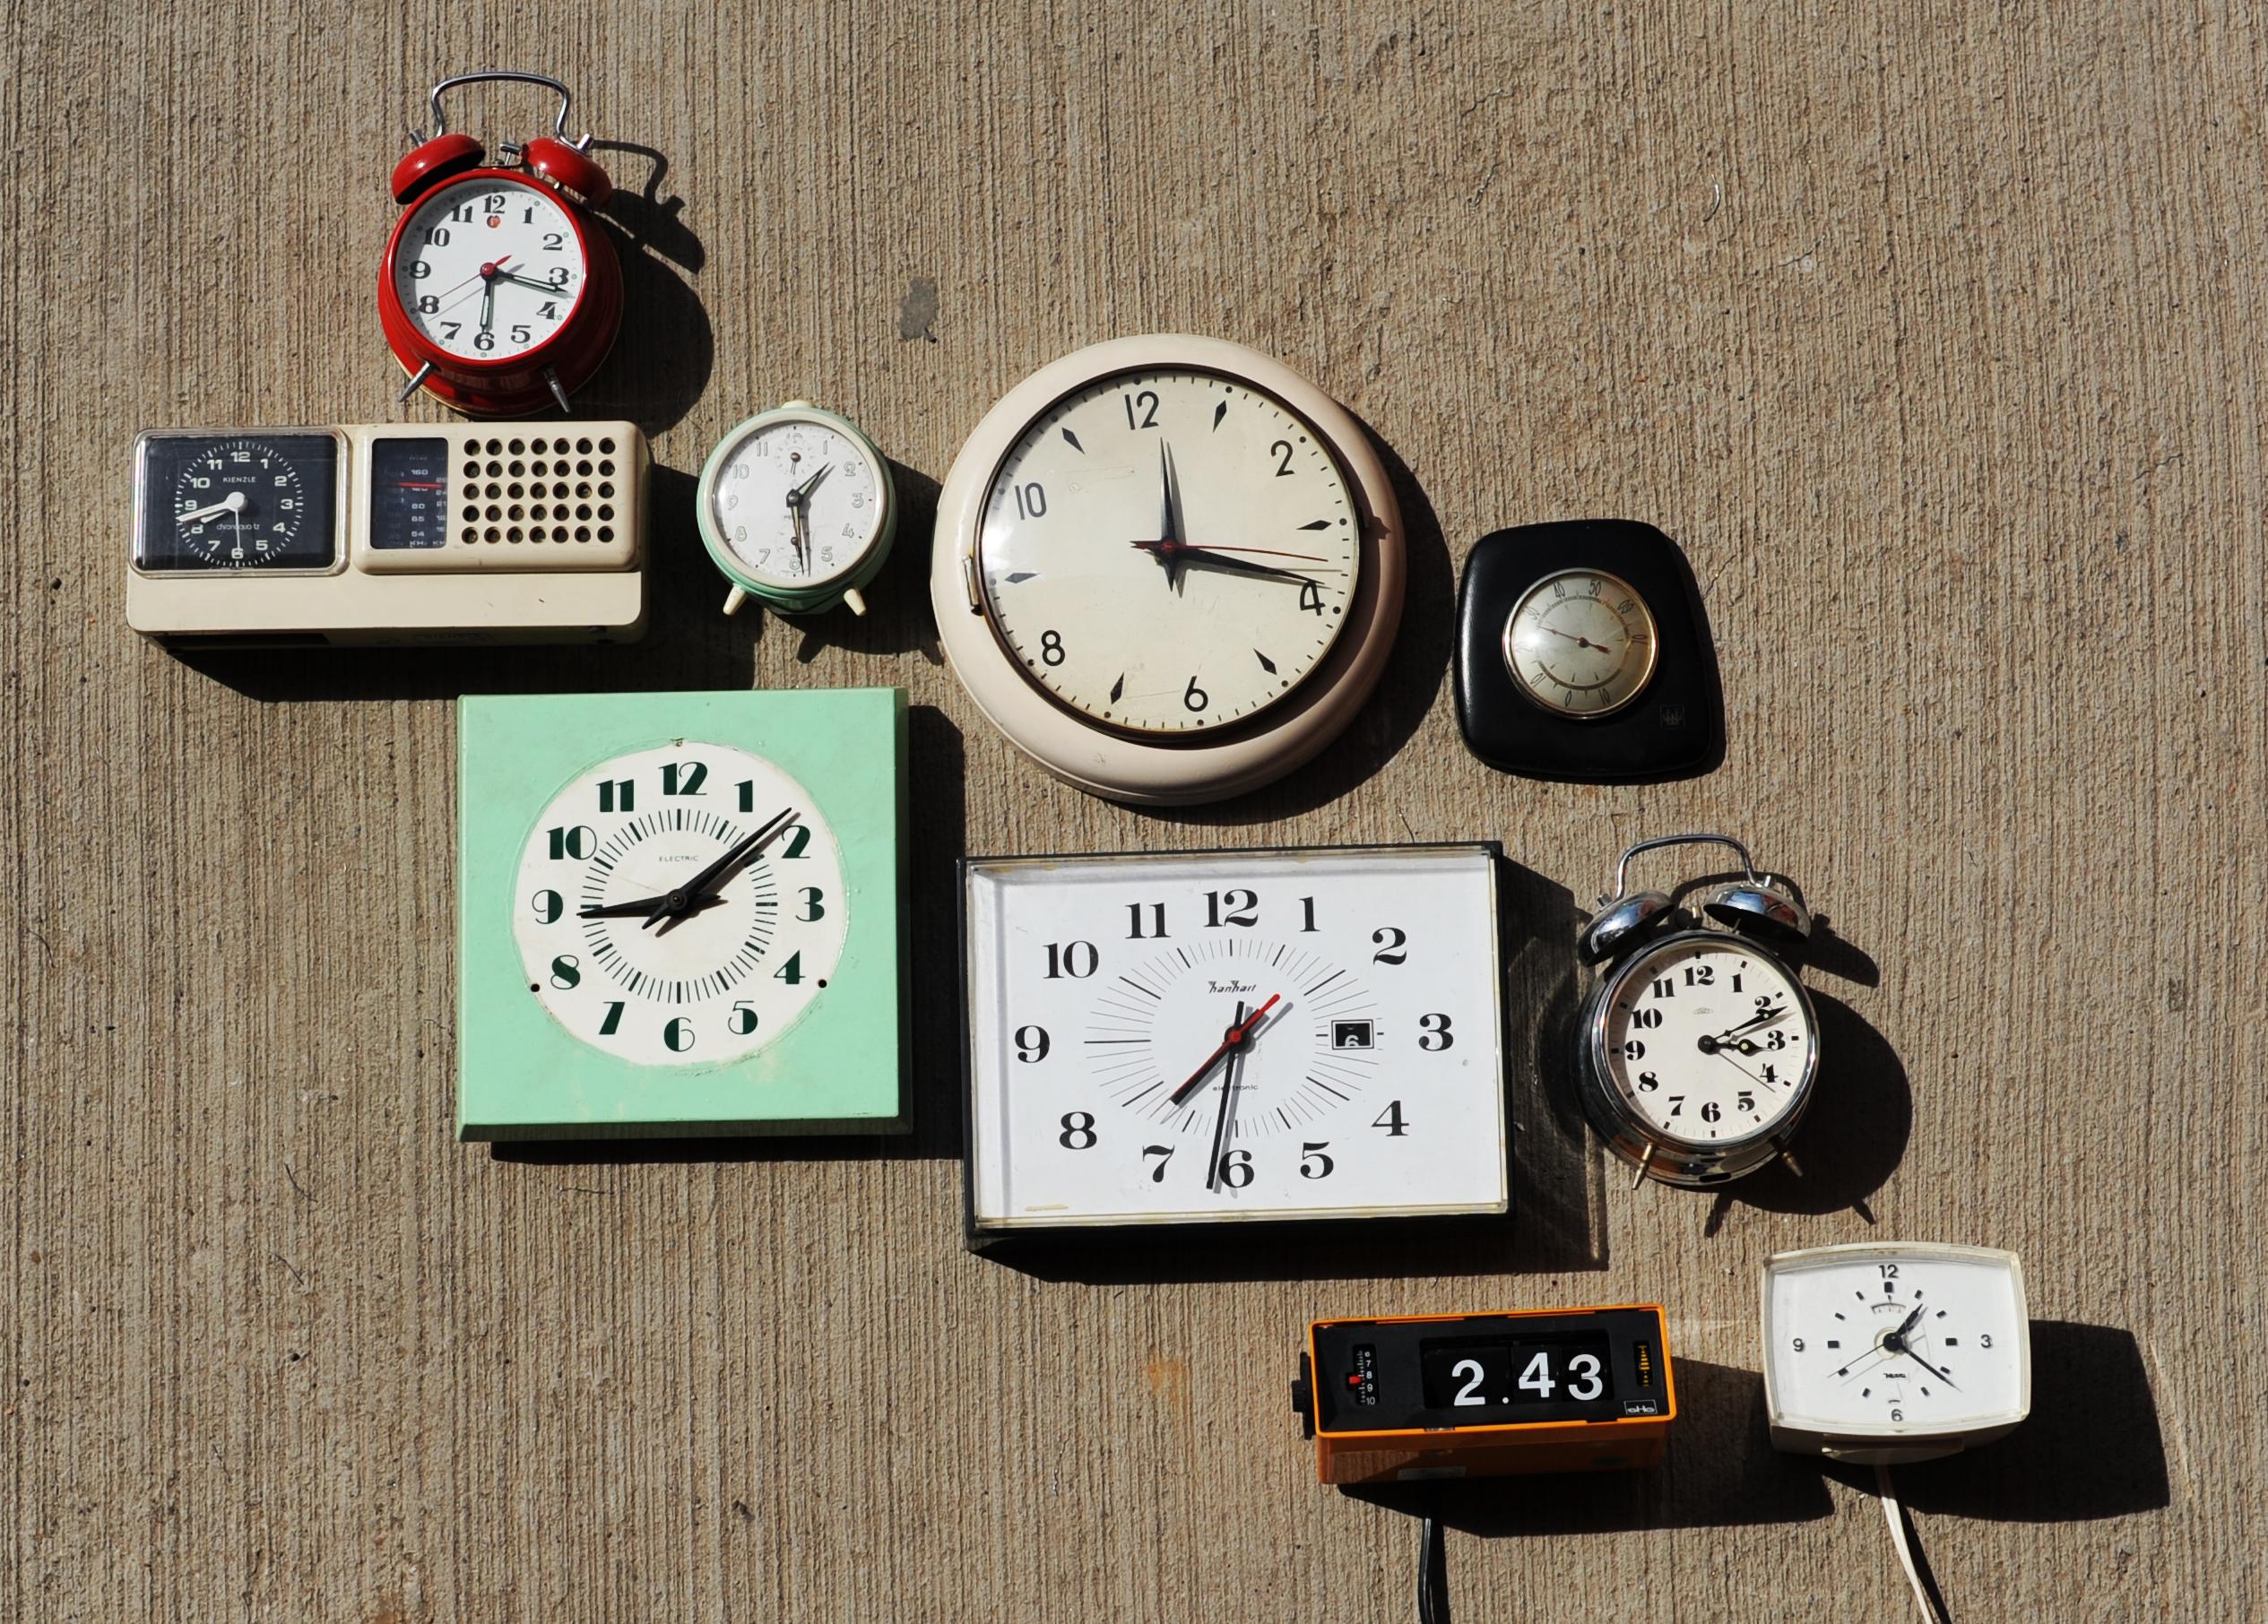 Horloges et réveils